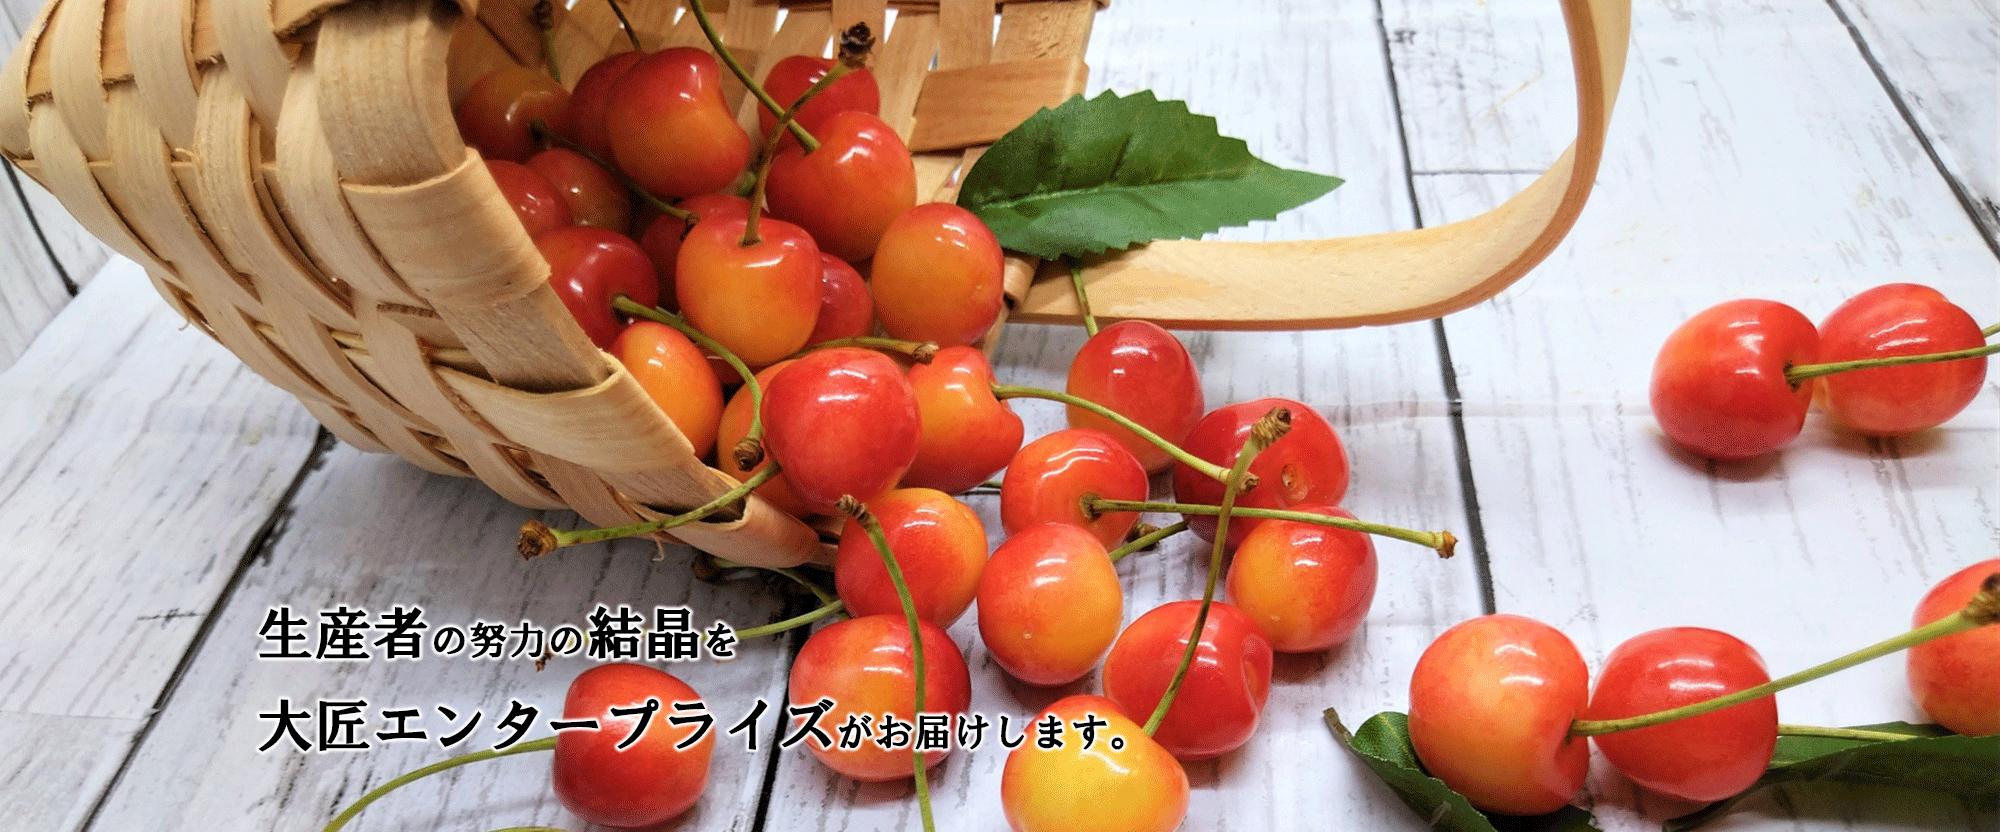 大匠エンターブライズ|山形のさくらんぼや旬の果物や野菜を生産者から直接仕入れて販売しています。